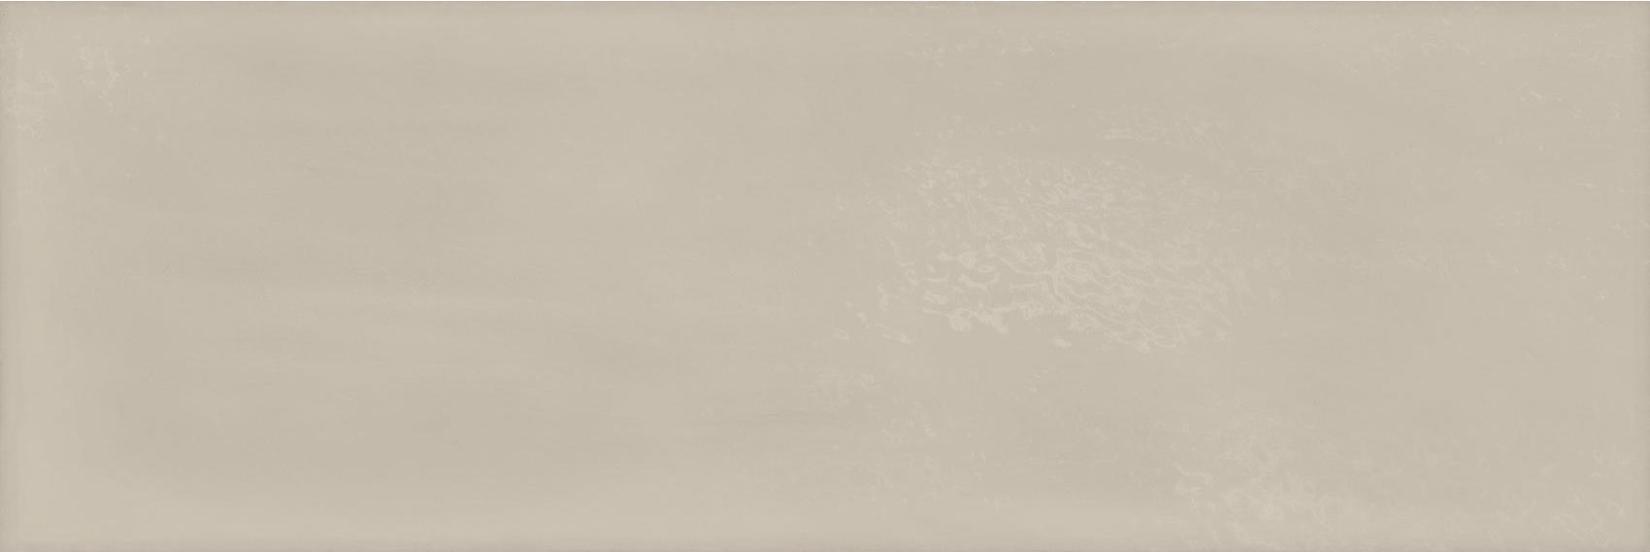 Купить Керамическая плитка Azteca Atelier Taupe настенная 30x90, Испания